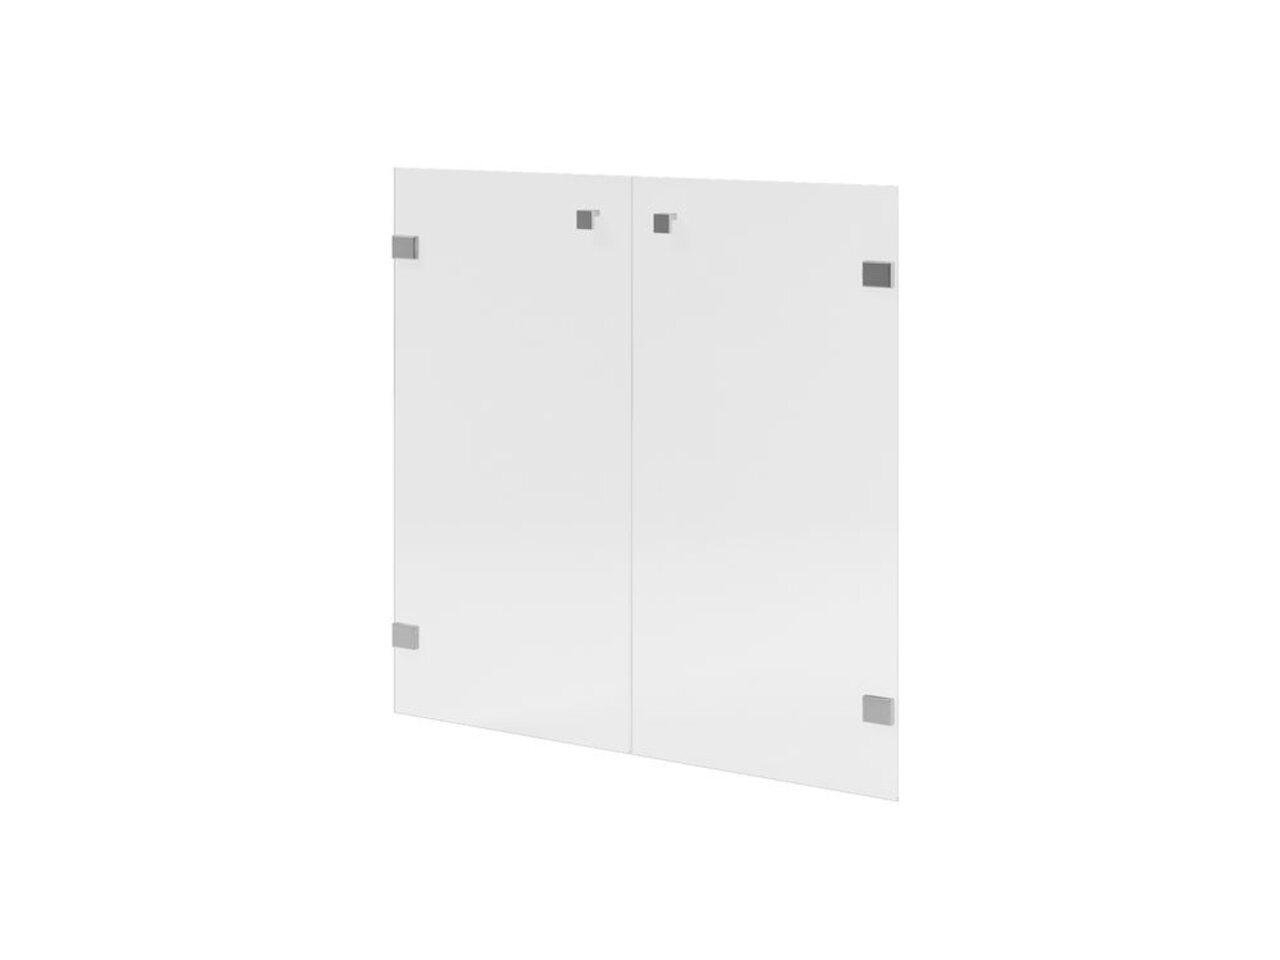 Двери низкие с матовым белым стеклом  Space 79x1x77 - фото 1